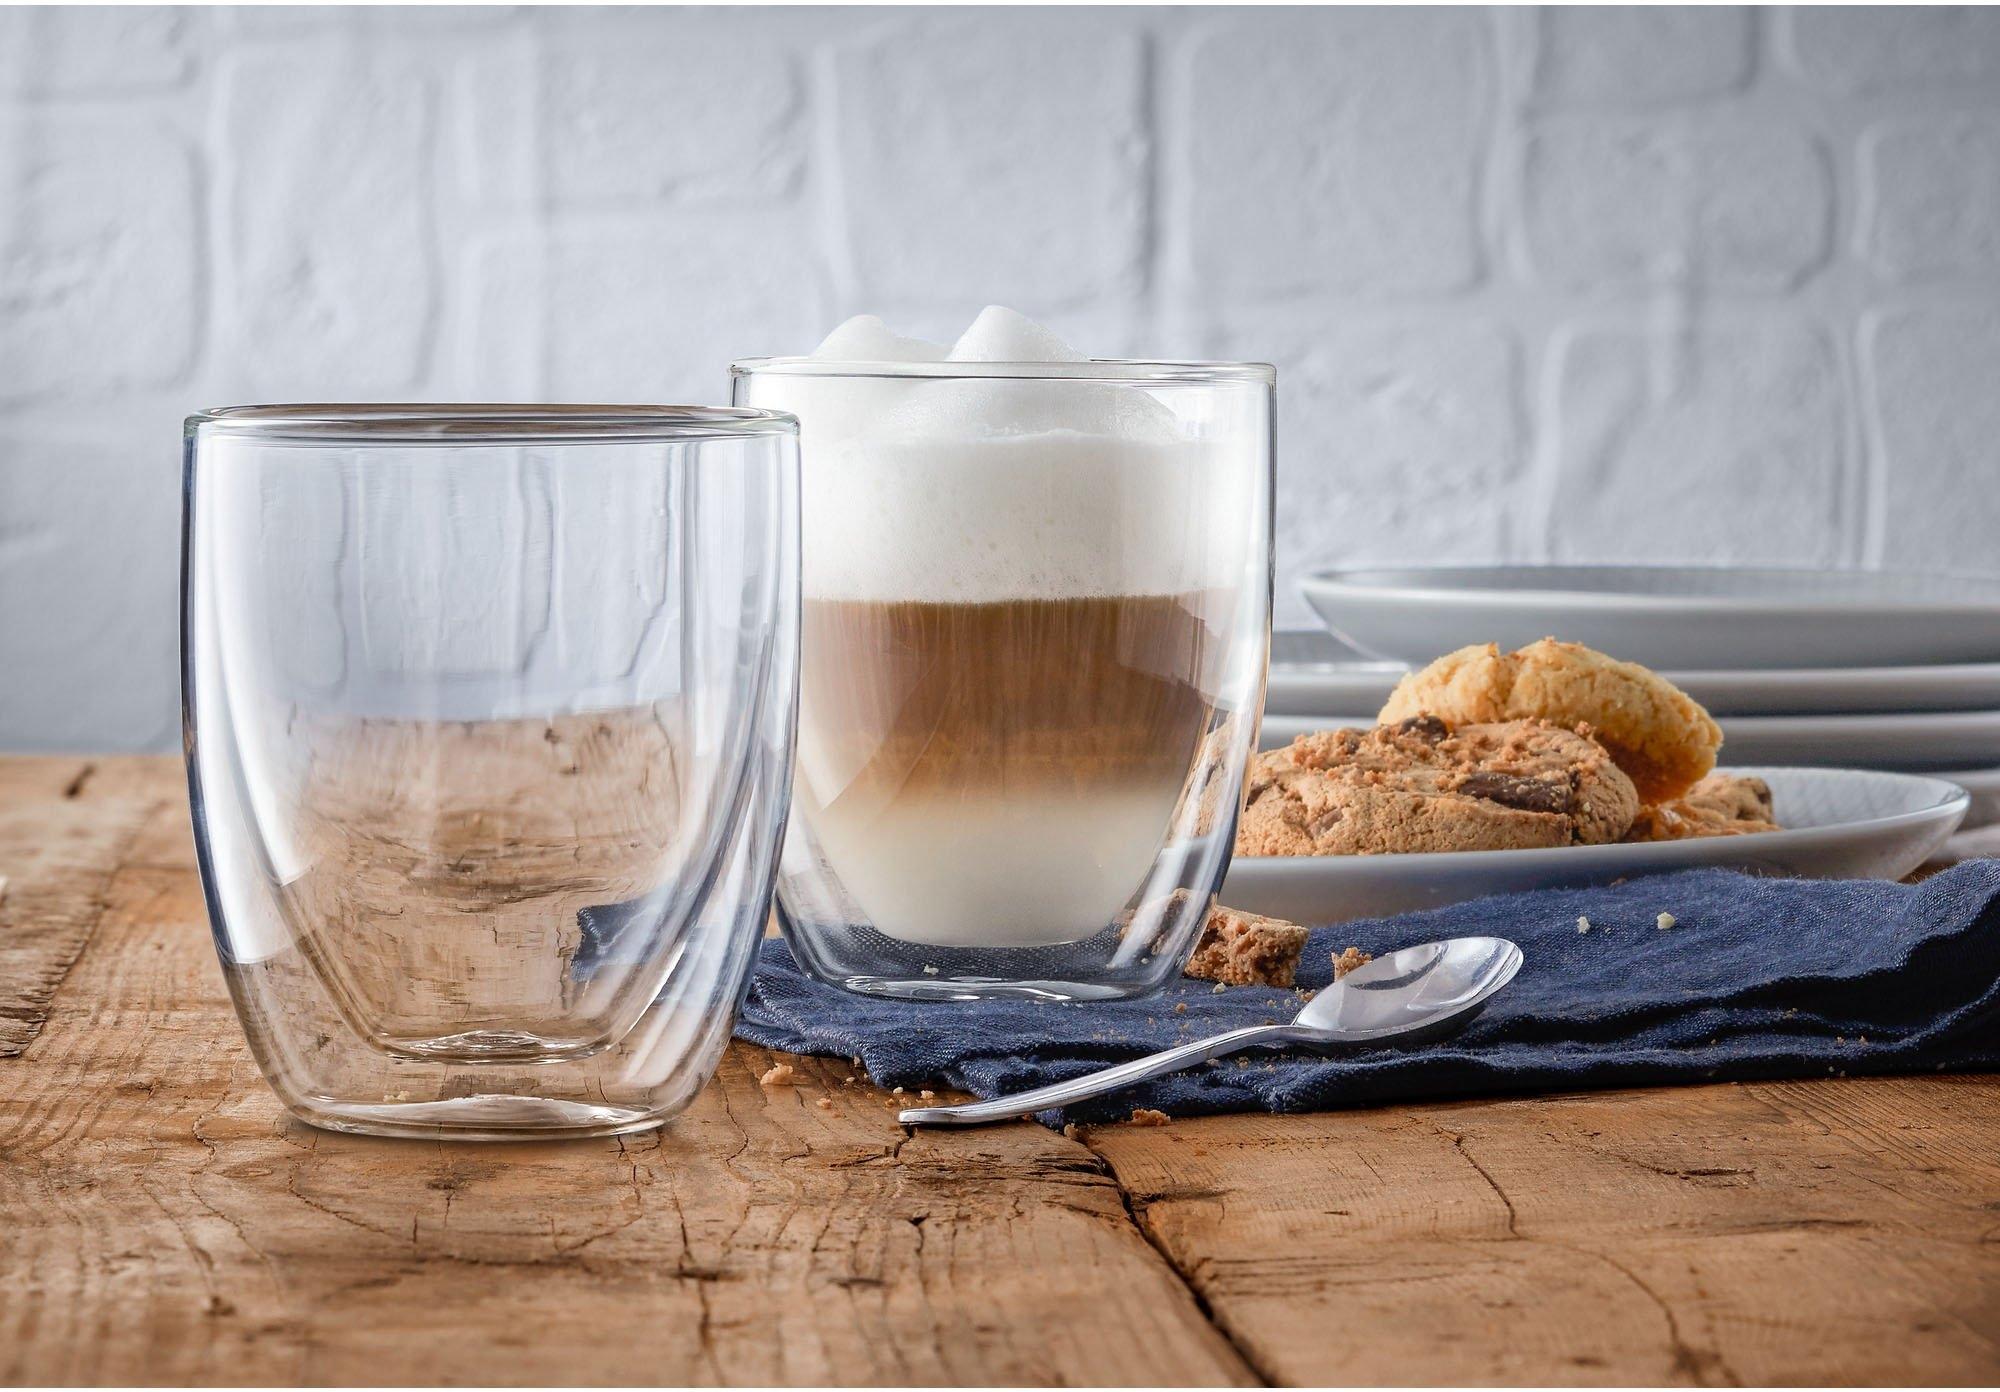 WMF glazenset Cult coffee Dubbelwandige uitvoering met thermo-effect (set, 2-delig) nu online bestellen